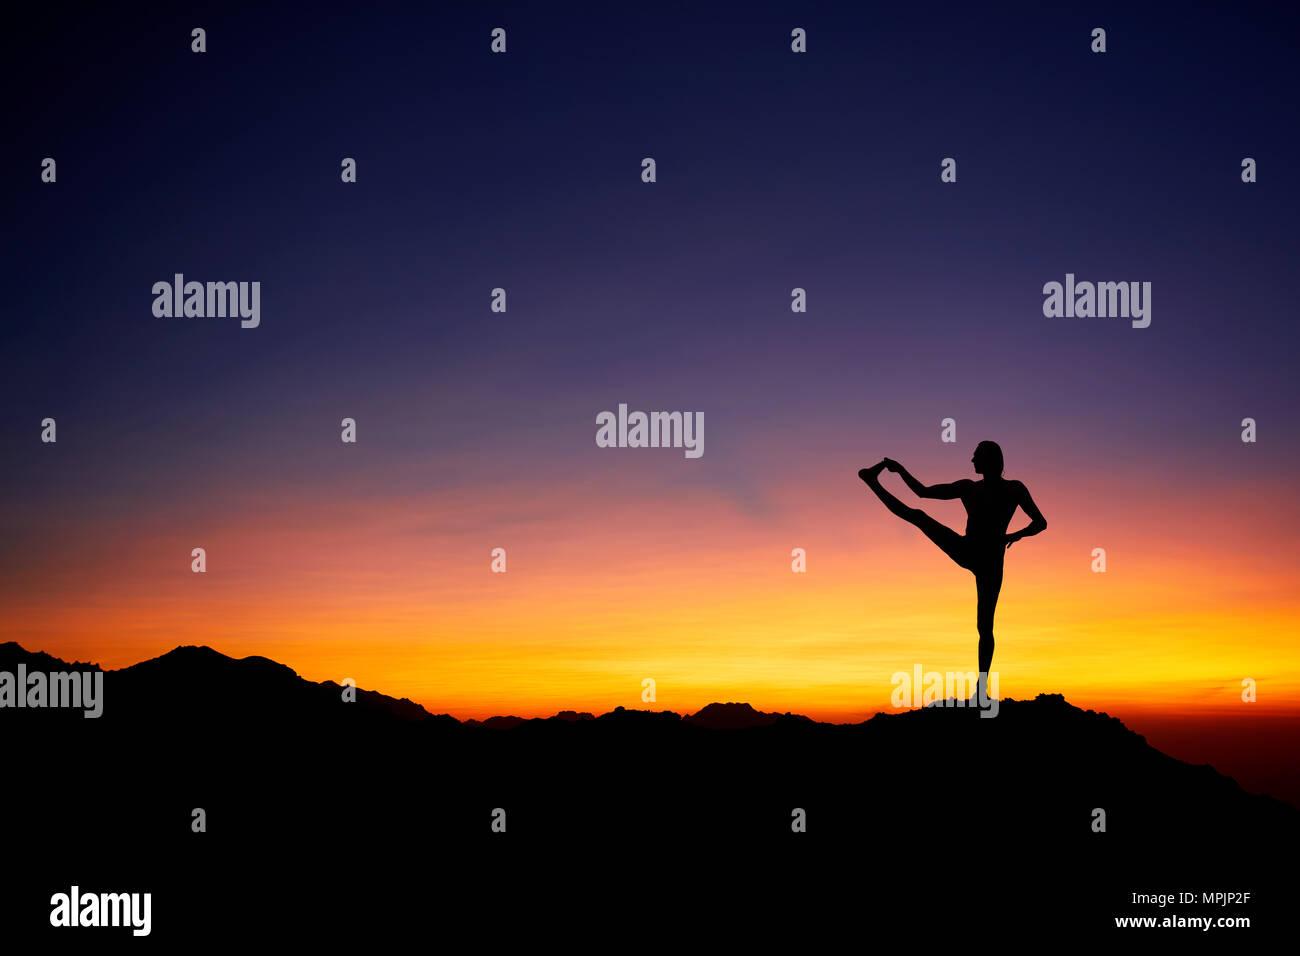 Passen Mann in silhouette Yoga balance Pose am schönen orange Sonnenuntergang Himmel Hintergrund Stockbild